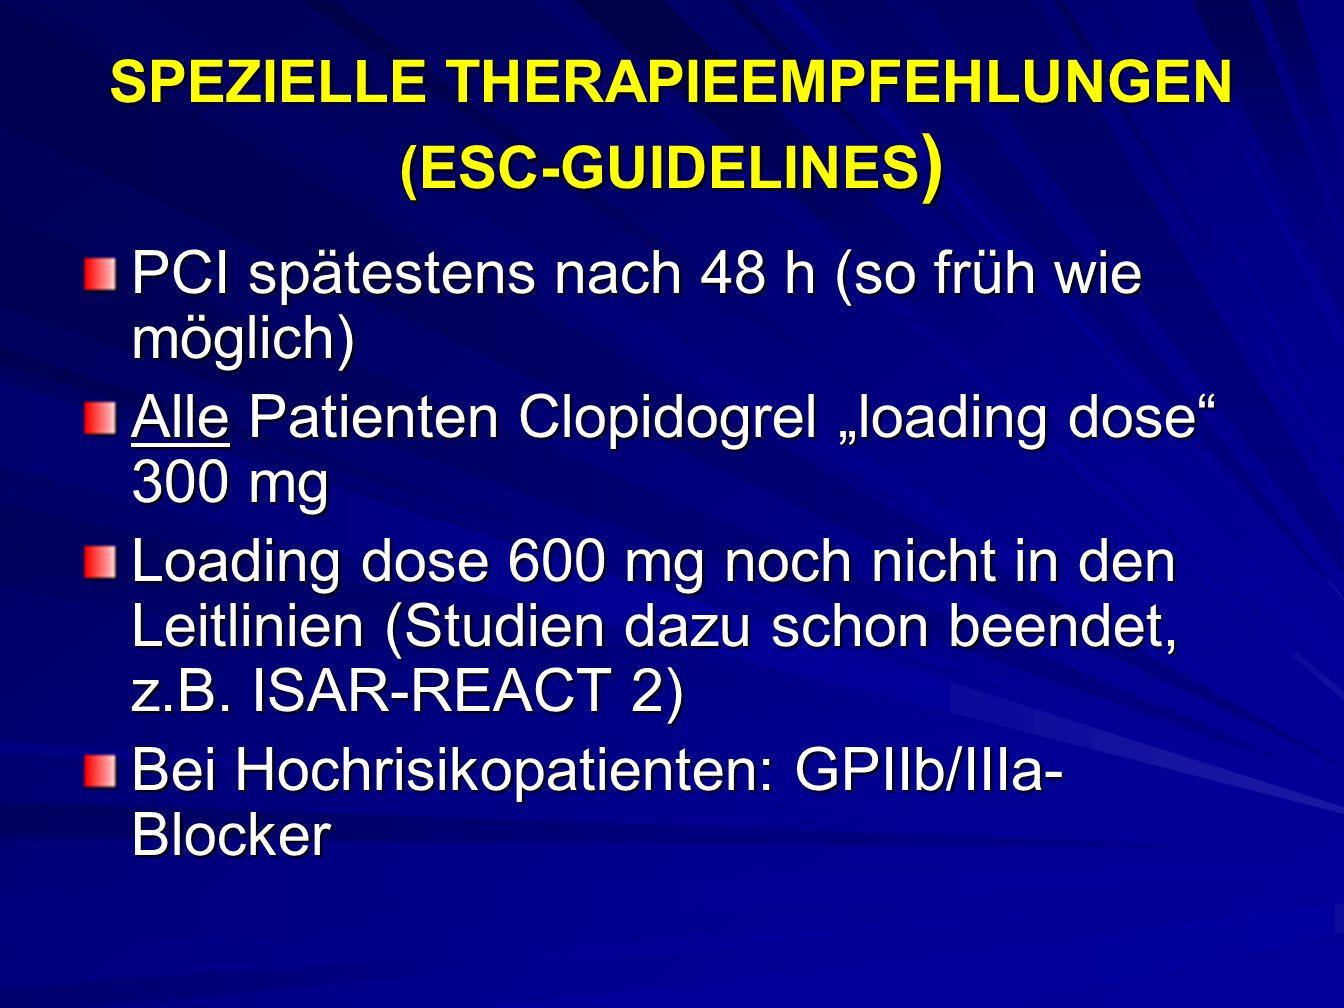 SPEZIELLE THERAPIEEMPFEHLUNGEN (ESC-GUIDELINES)